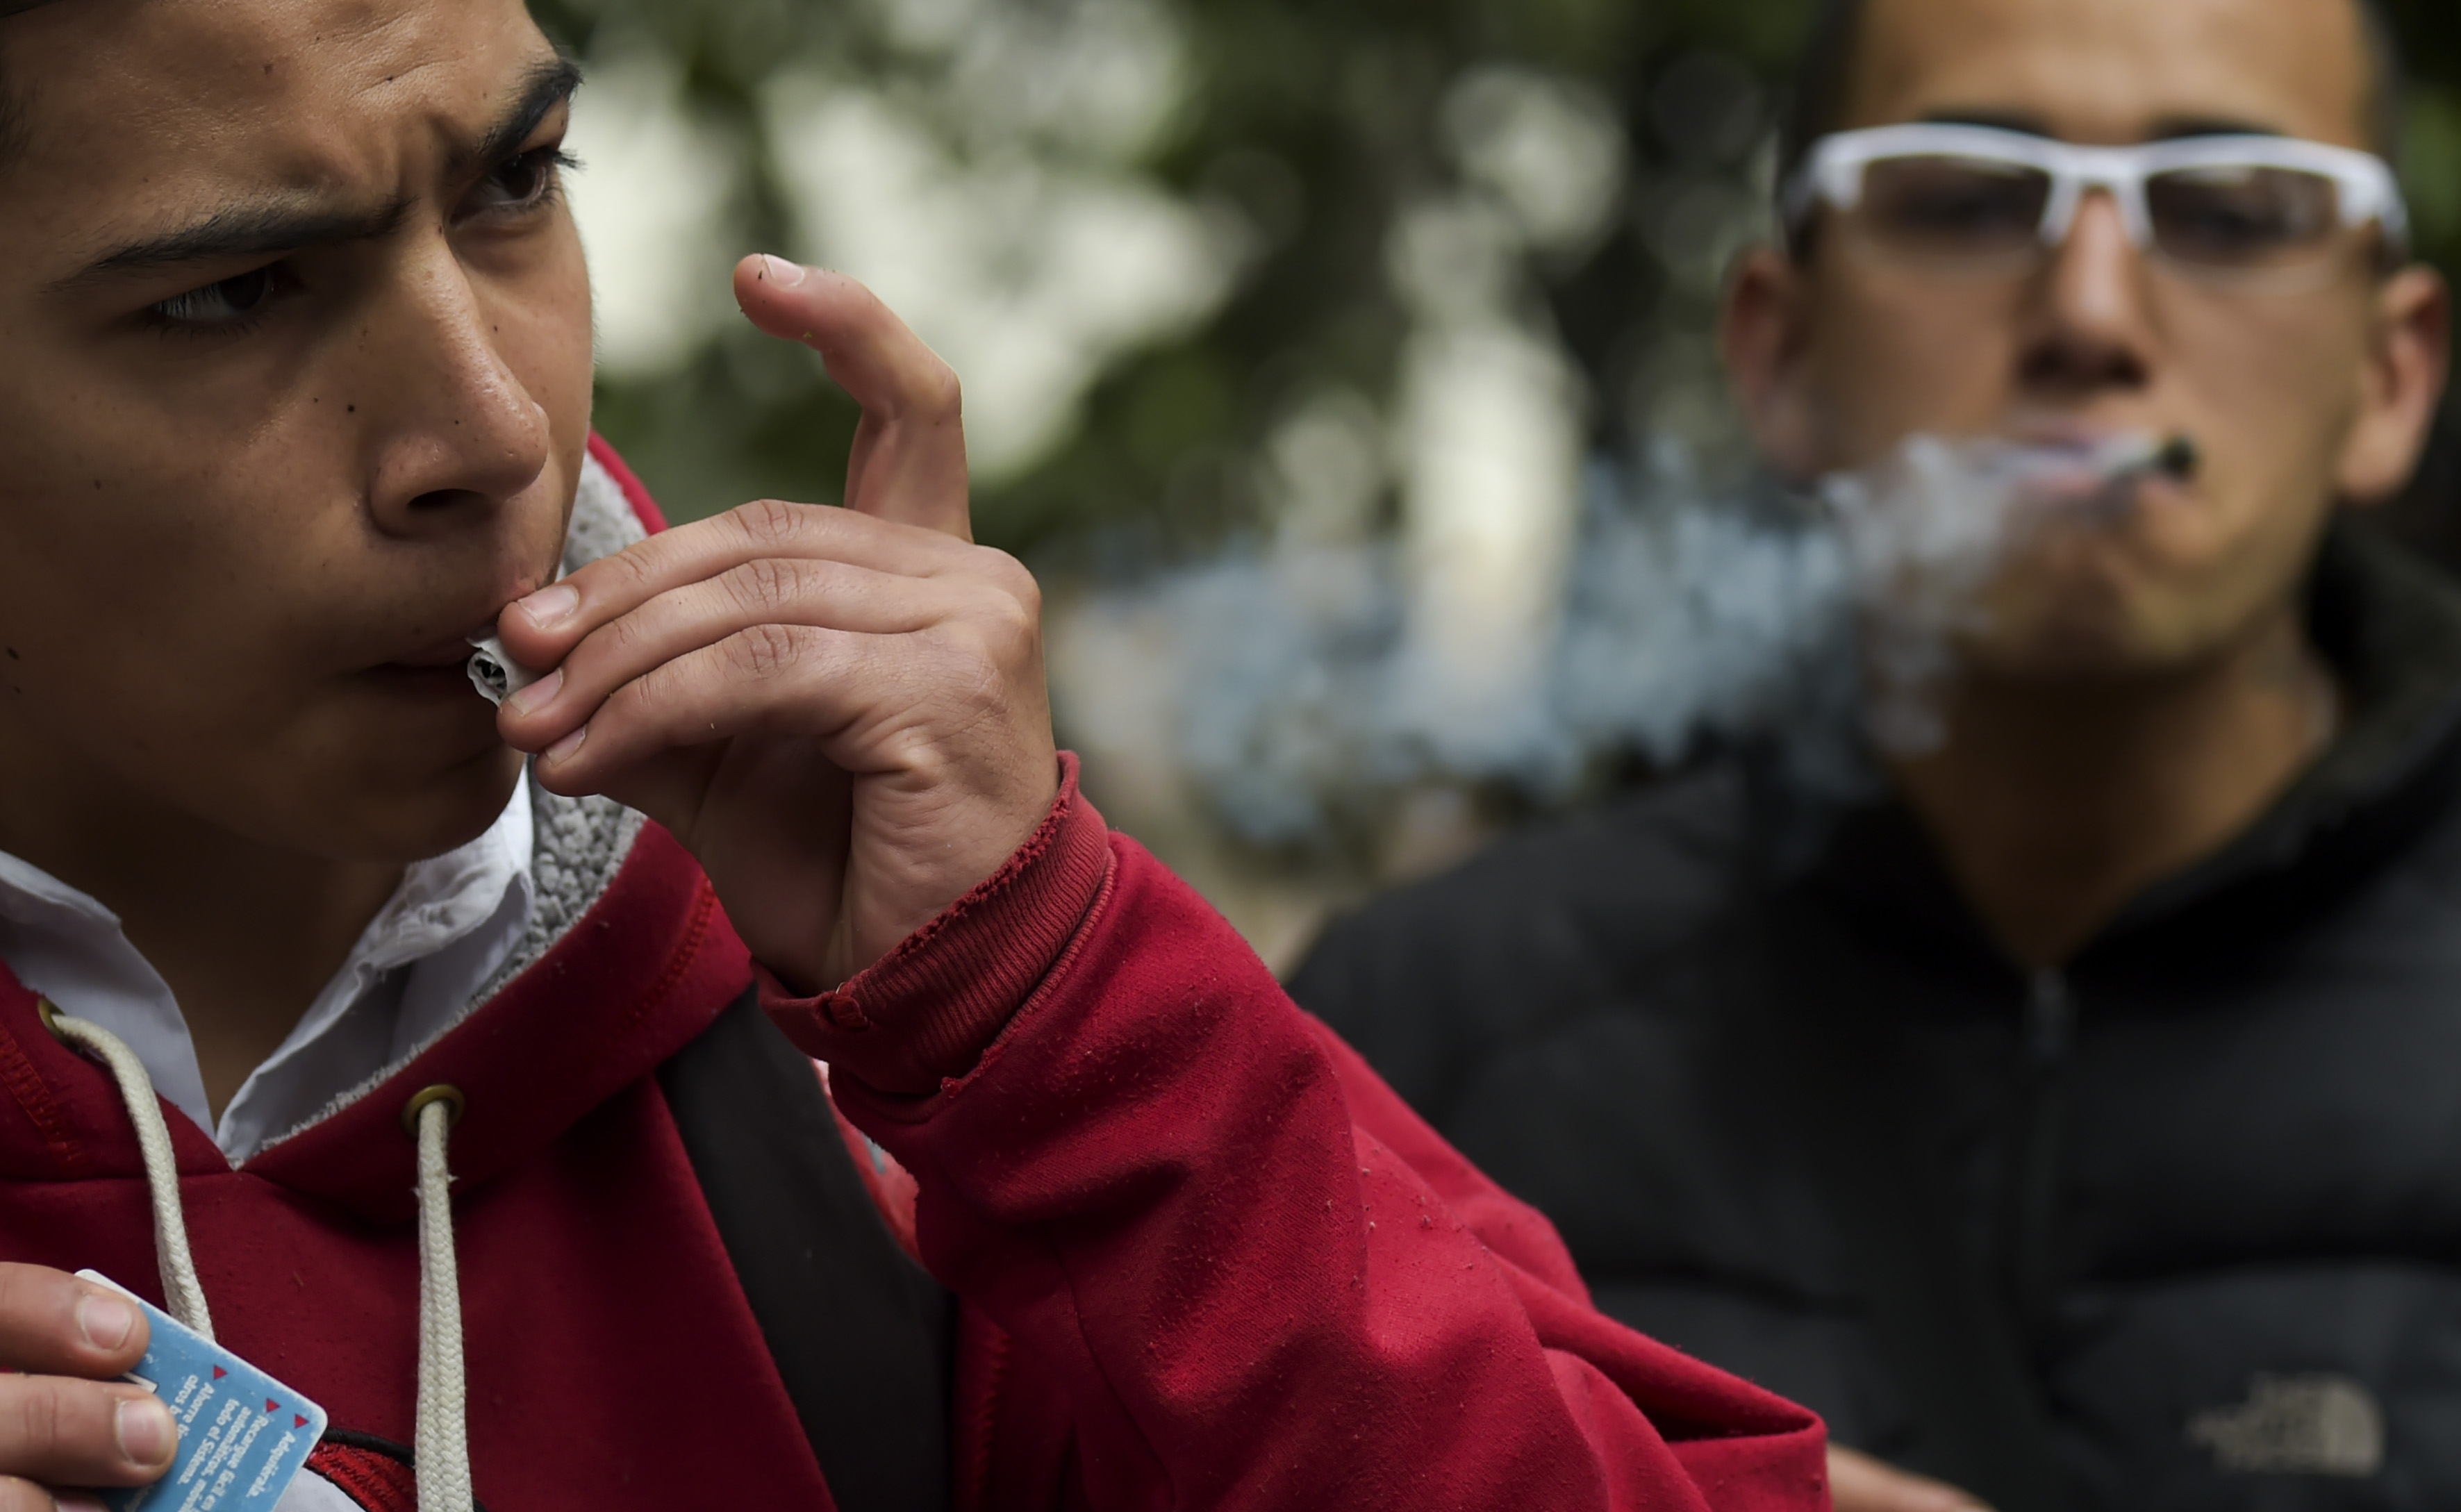 أحد المتظاهرين يشرب المخدر